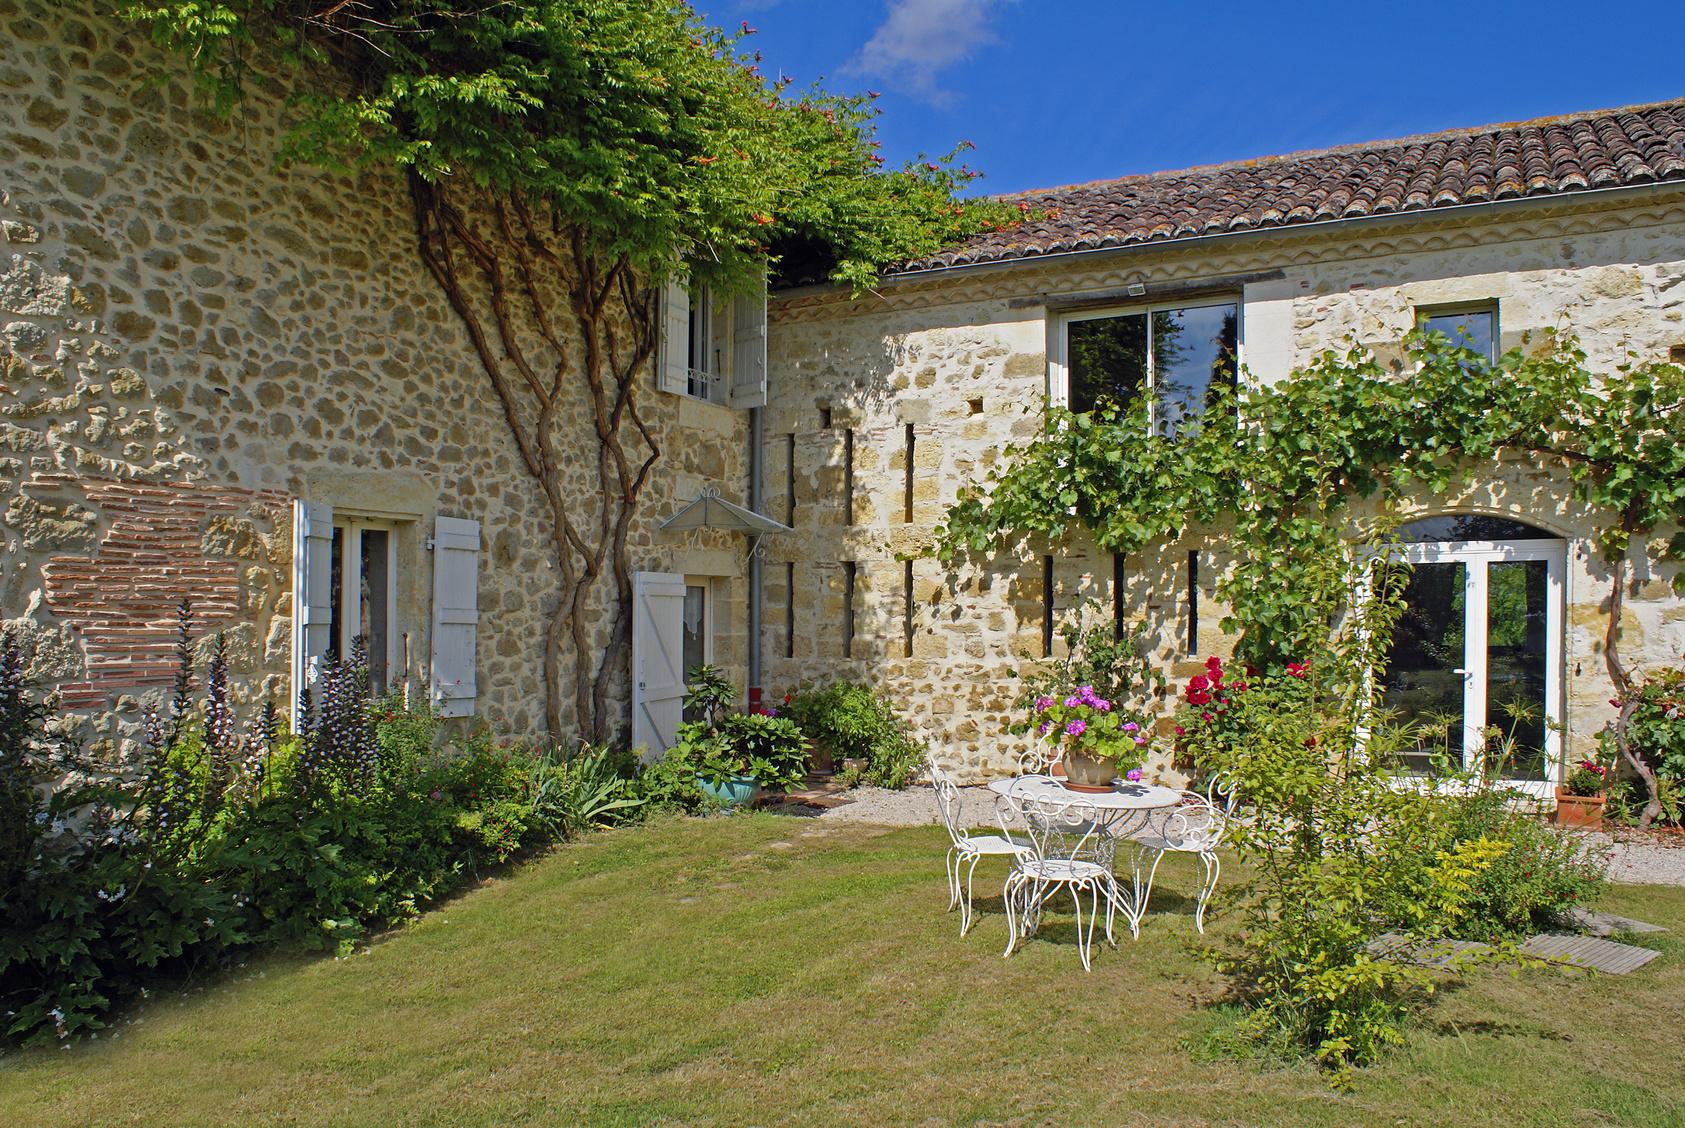 belle maison en pierre  # 02